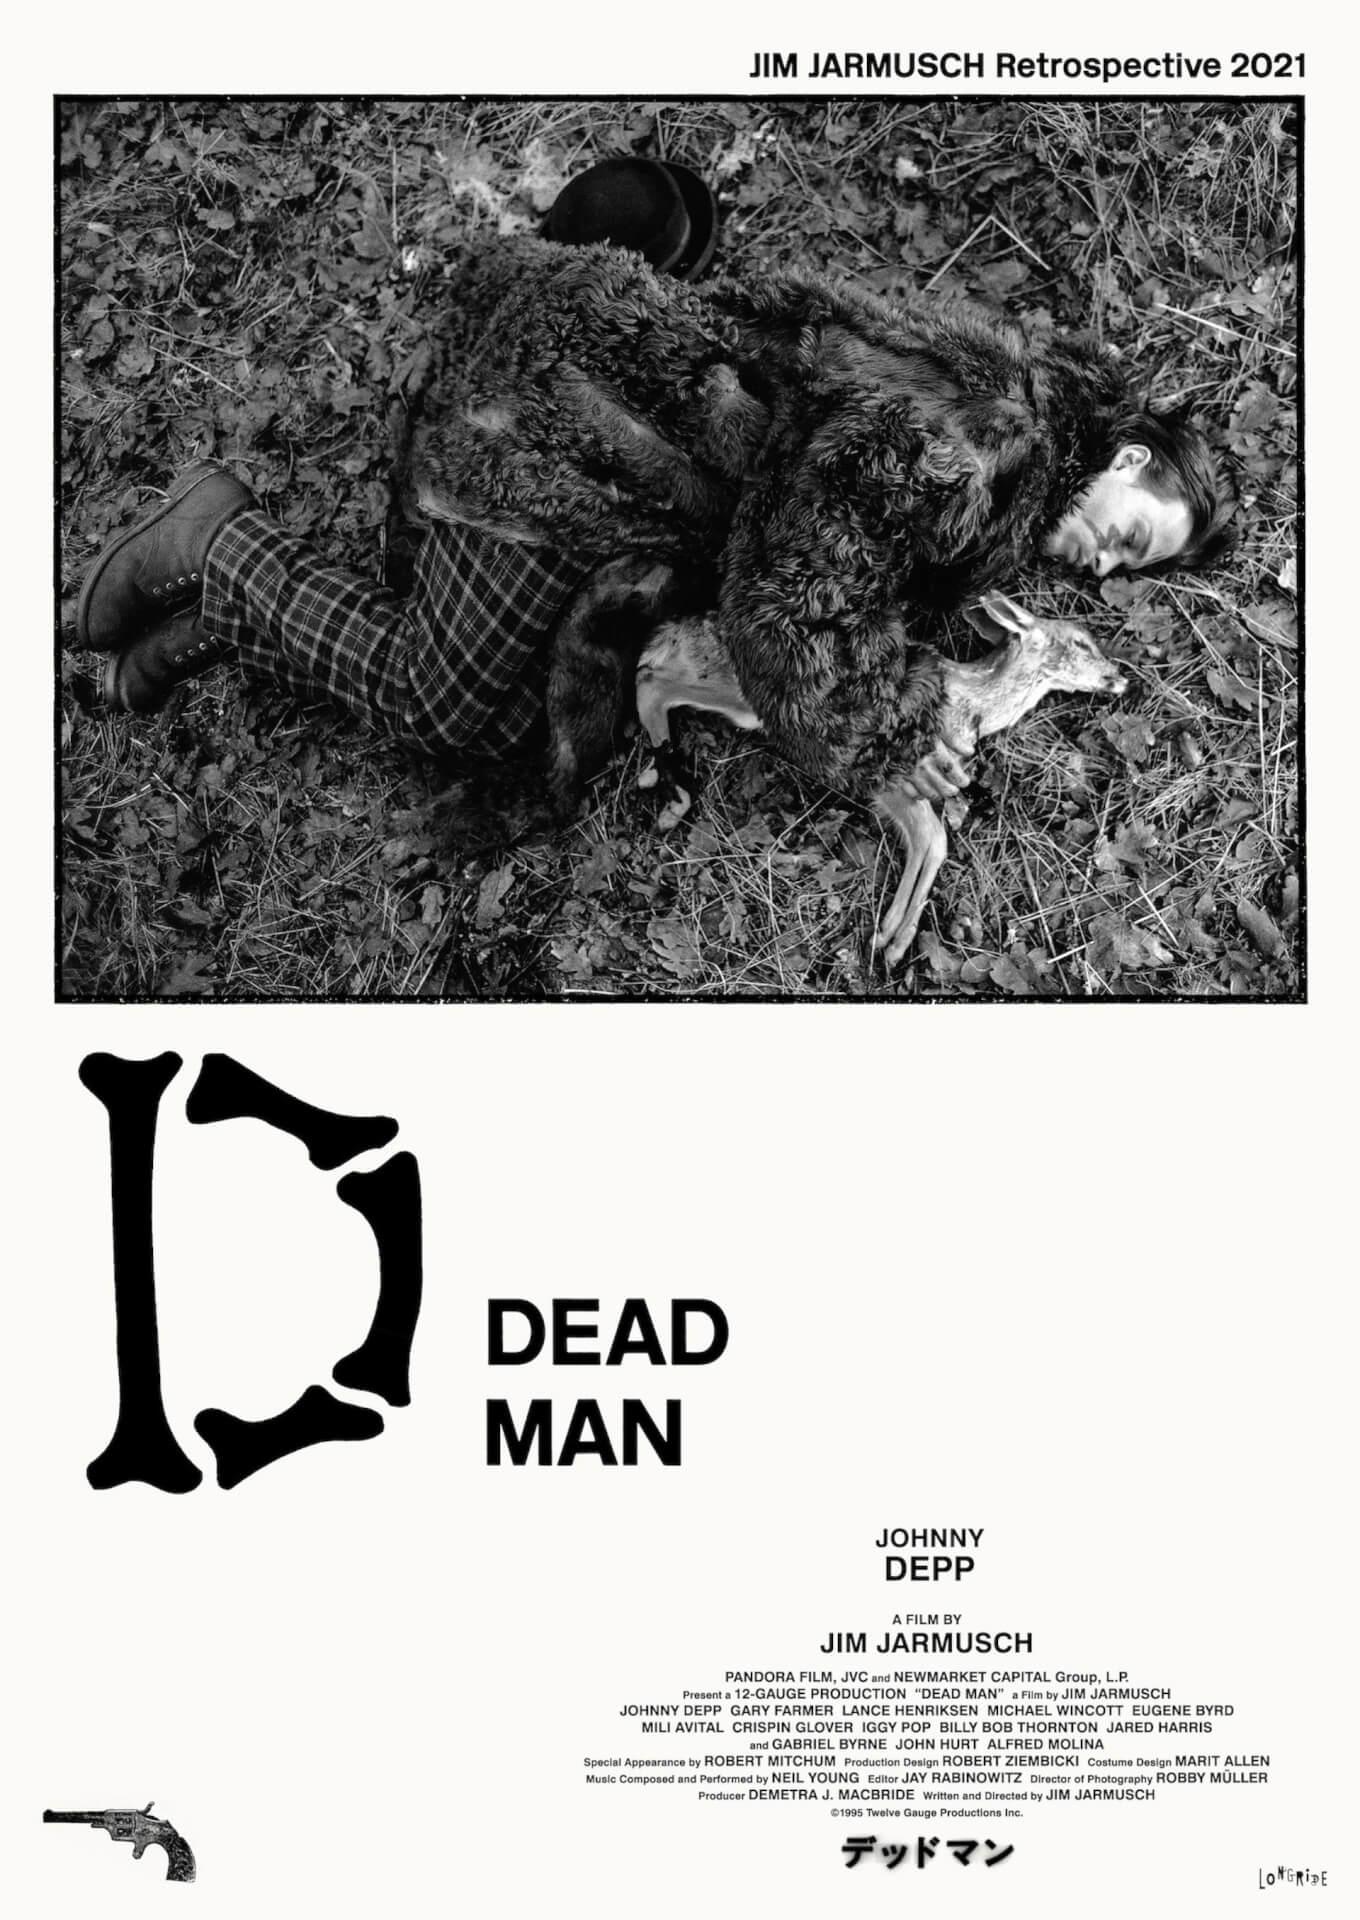 ジム・ジャームッシュの名作が続々上映!『ストレンジャー・ザン・パラダイス』など全12作品のポスター&チラシビジュアルが新たに制作&配布決定 film210611_jimjarmusch_16